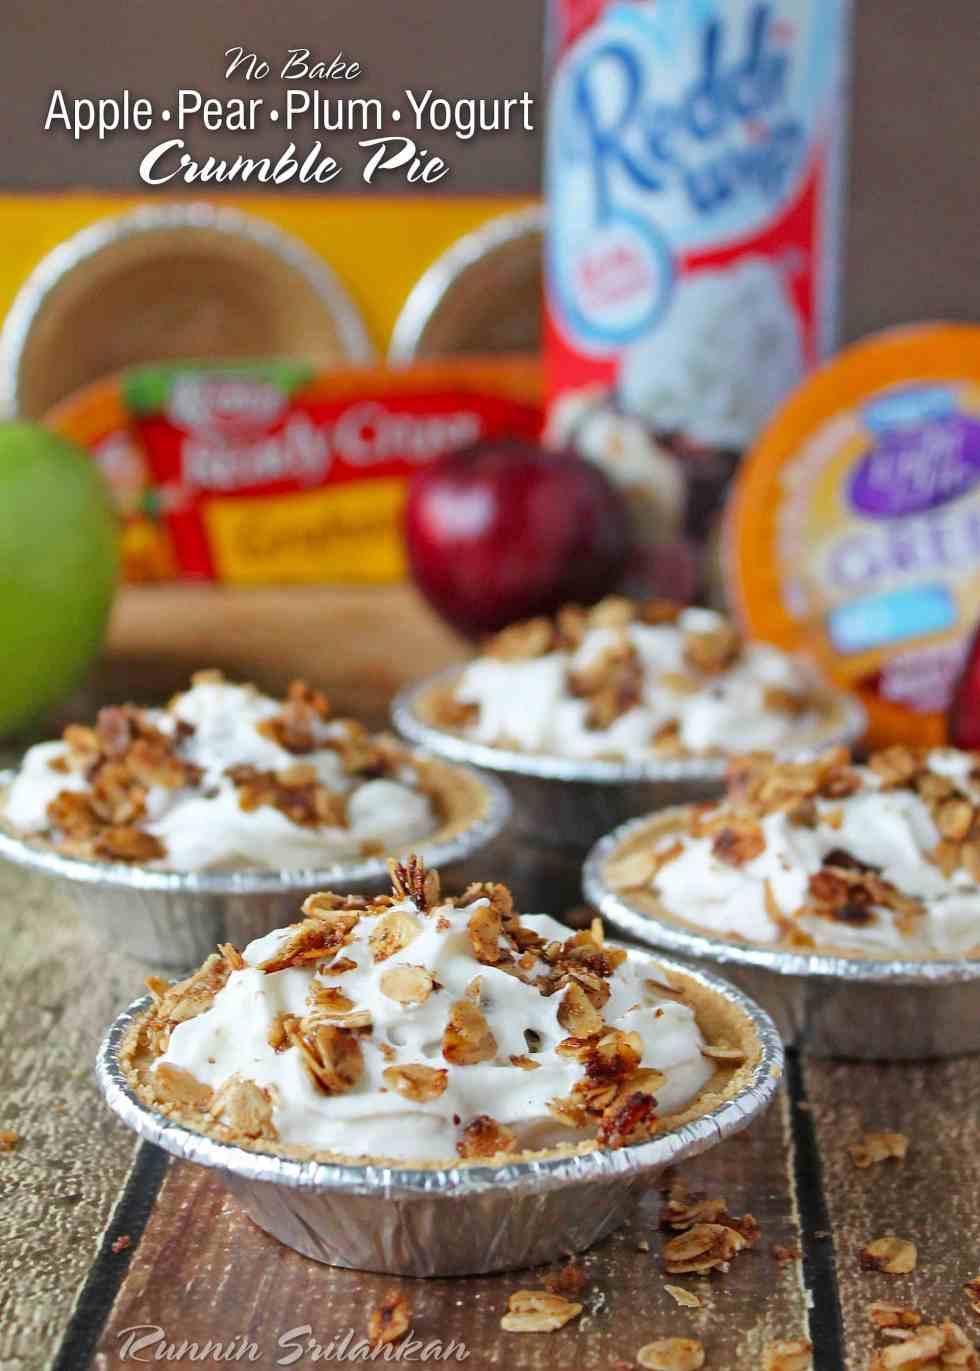 No Bake Apple Pear Plum Yogurt Crumble Pie #EffortlessPies